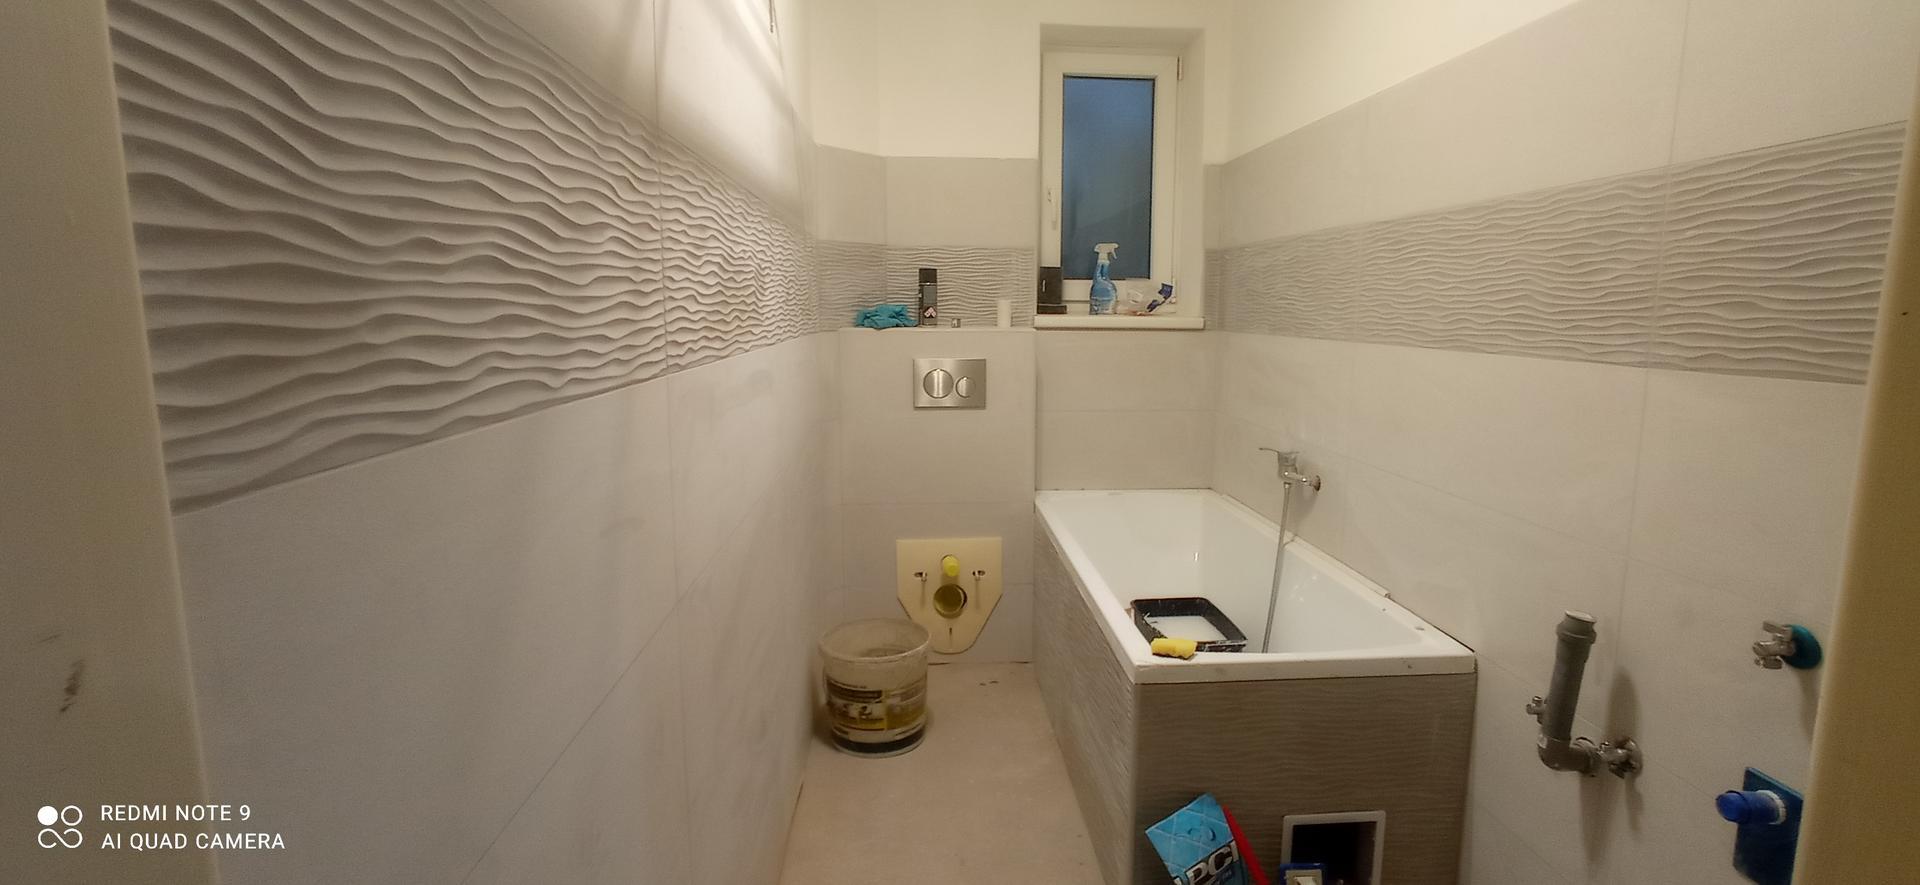 koupelna v bytě 1+1 - Ještě přijde kolem vany skleněná zástěna